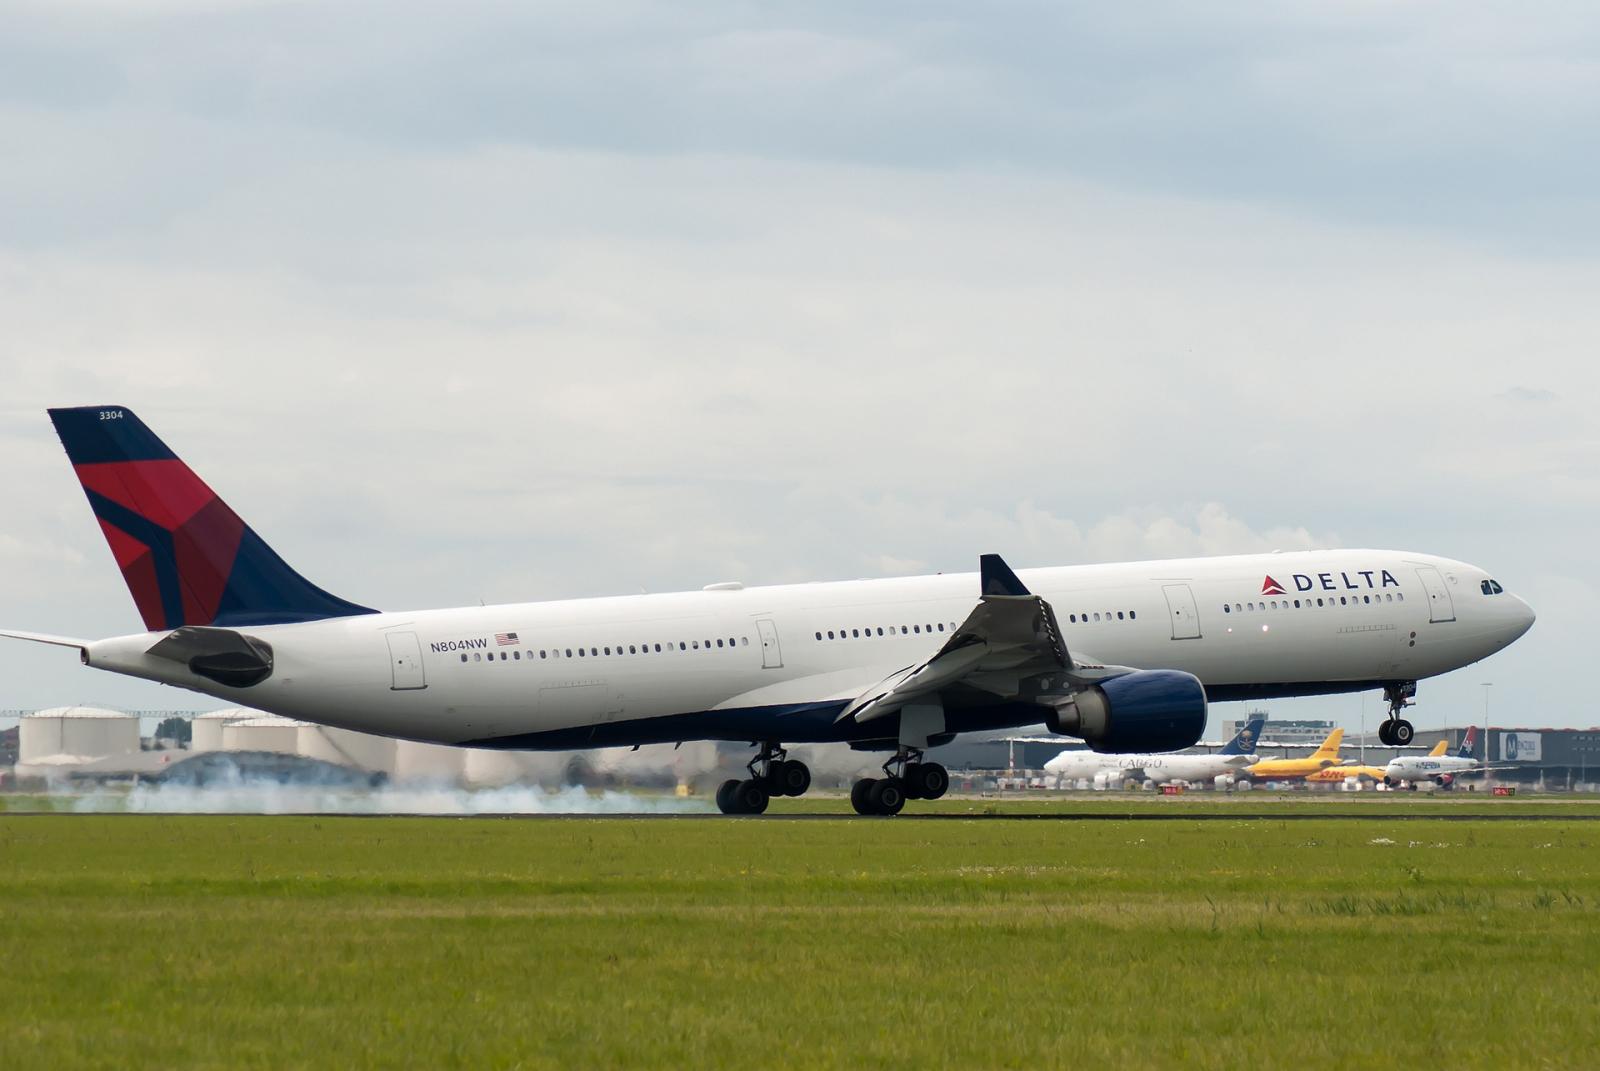 Delta Announces $1 Billion Program To Become Carbon Neutral